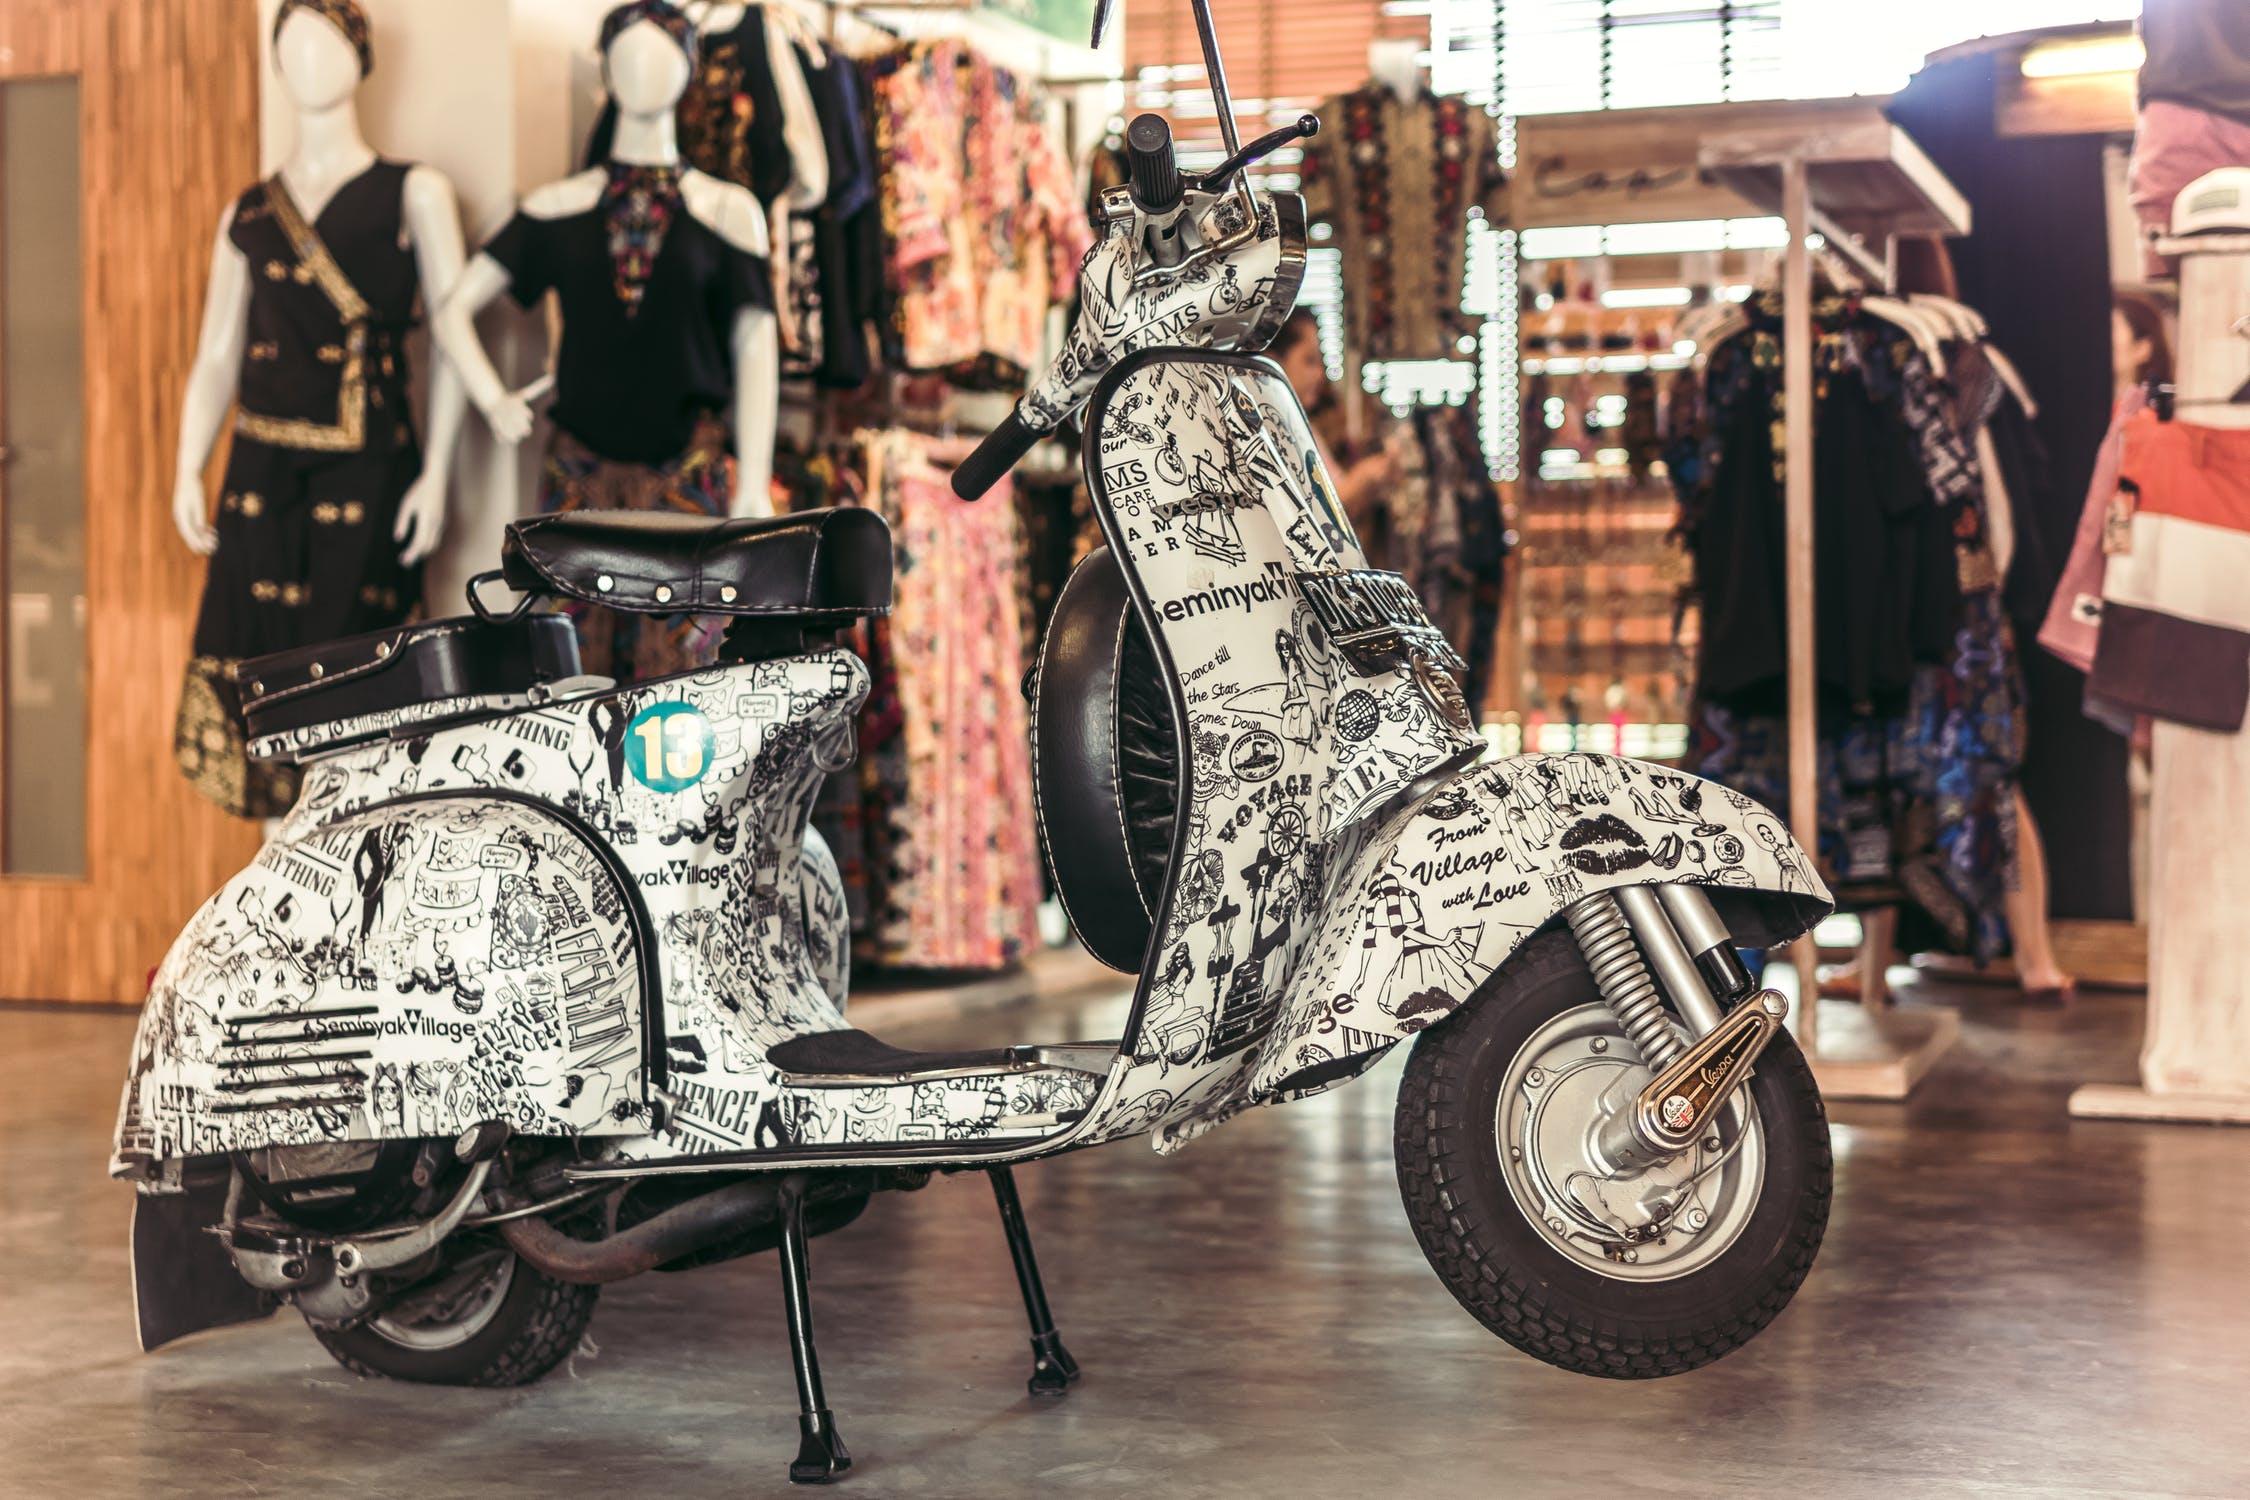 Vespa Motocikl Vintage